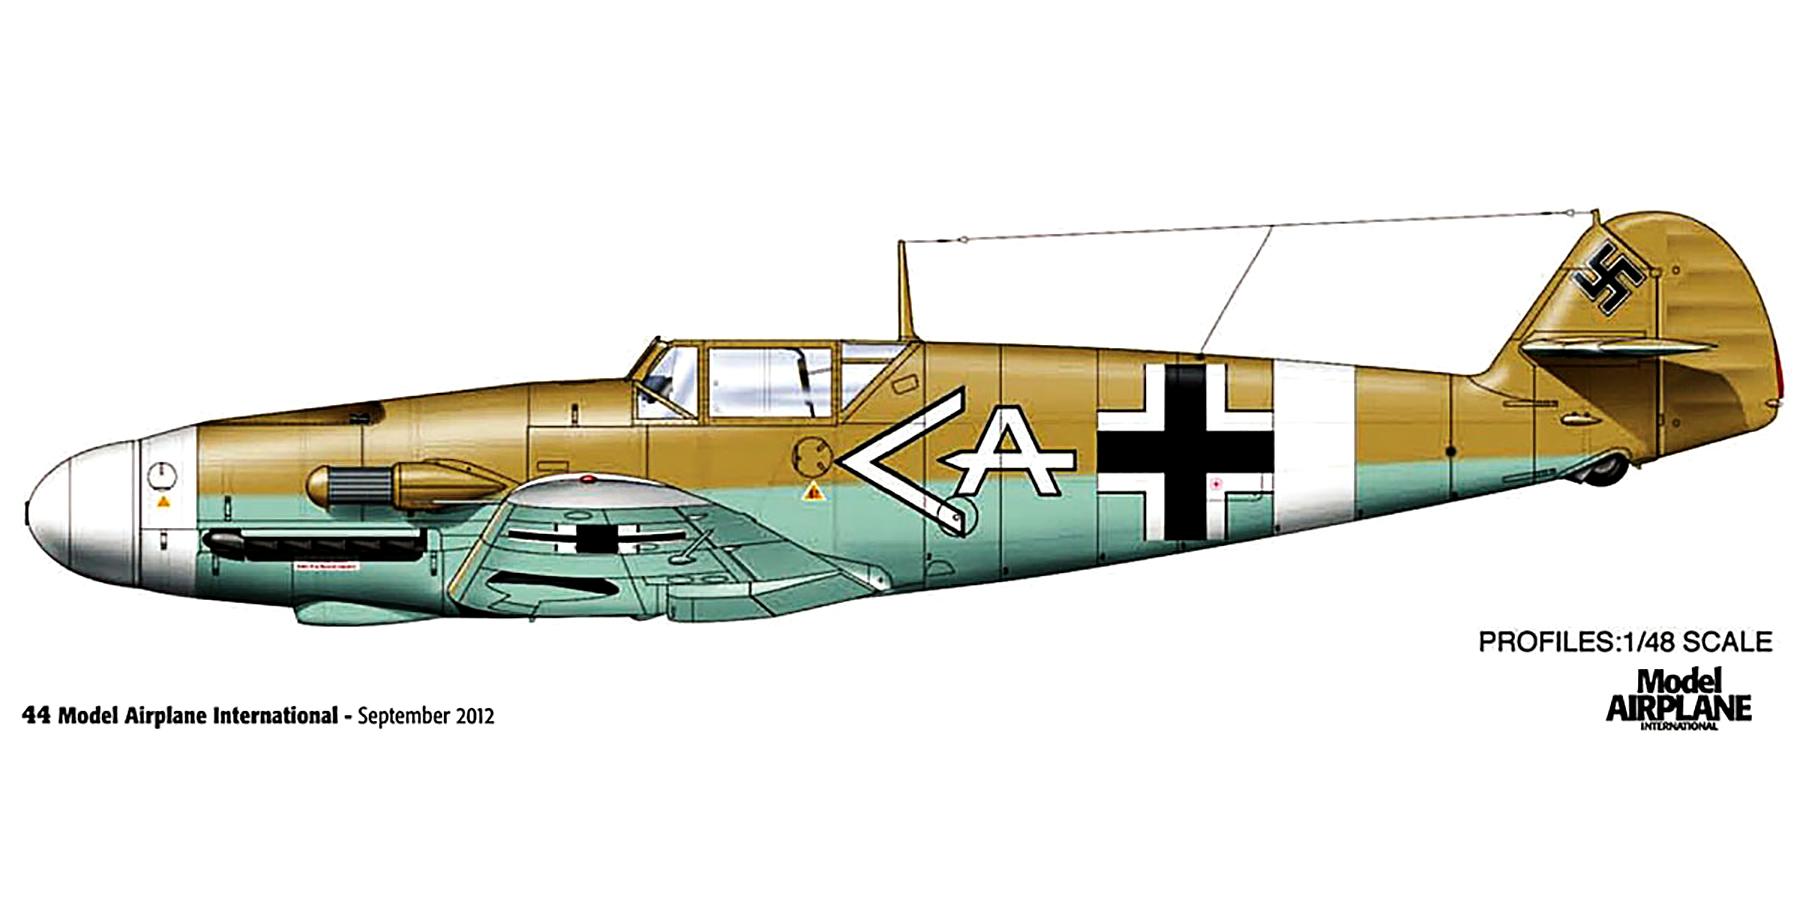 Messerschmitt Bf 109F4ZTrop Stab I.JG27 Werner Schroer Martuba Nov 1942 0A